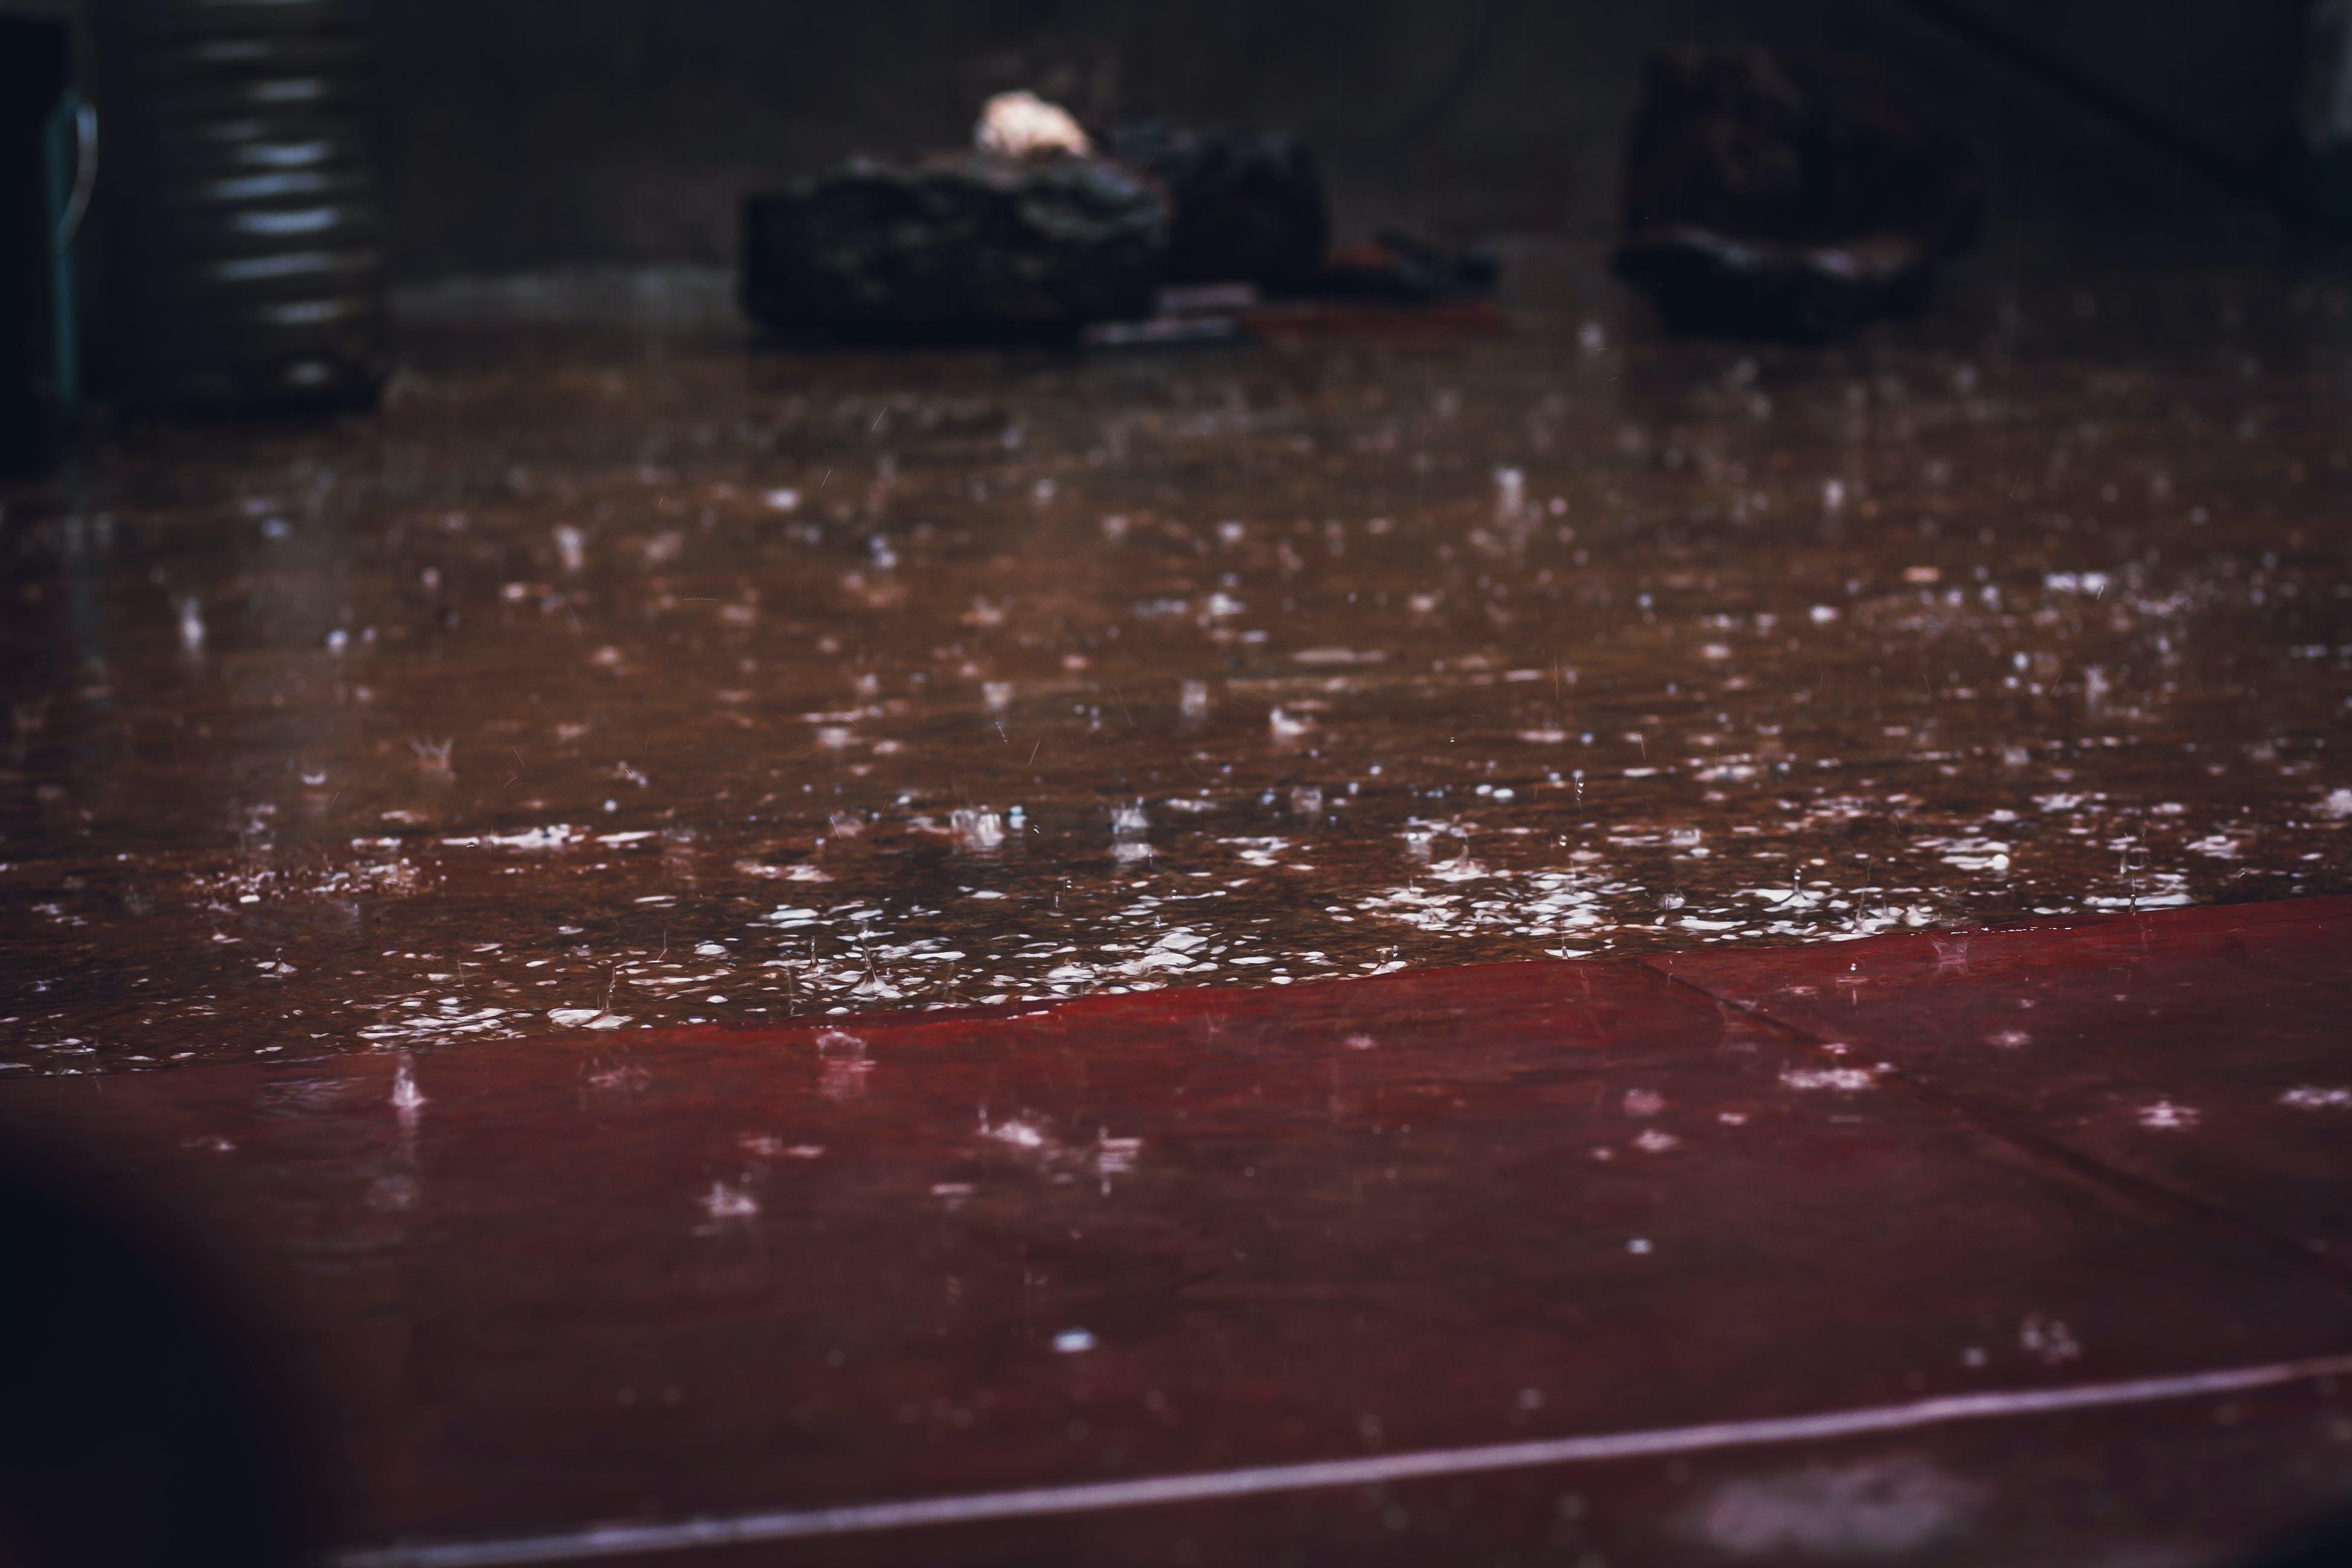 Kostnadsfri bild av gata, regn, regndroppar, utomhusutmaning